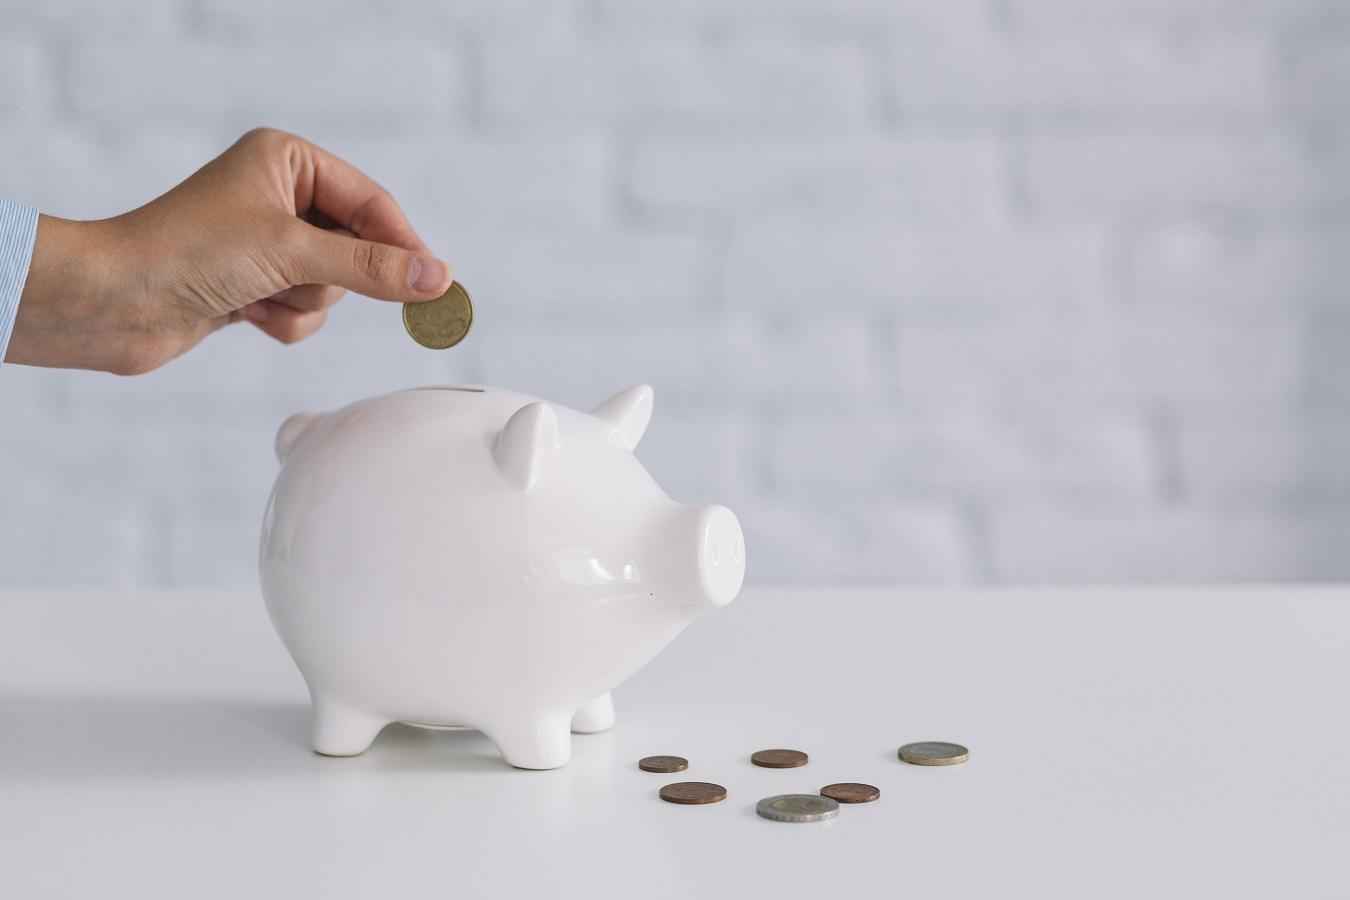 Reserva de lucros: saiba o que é e como funciona essa operação contábil